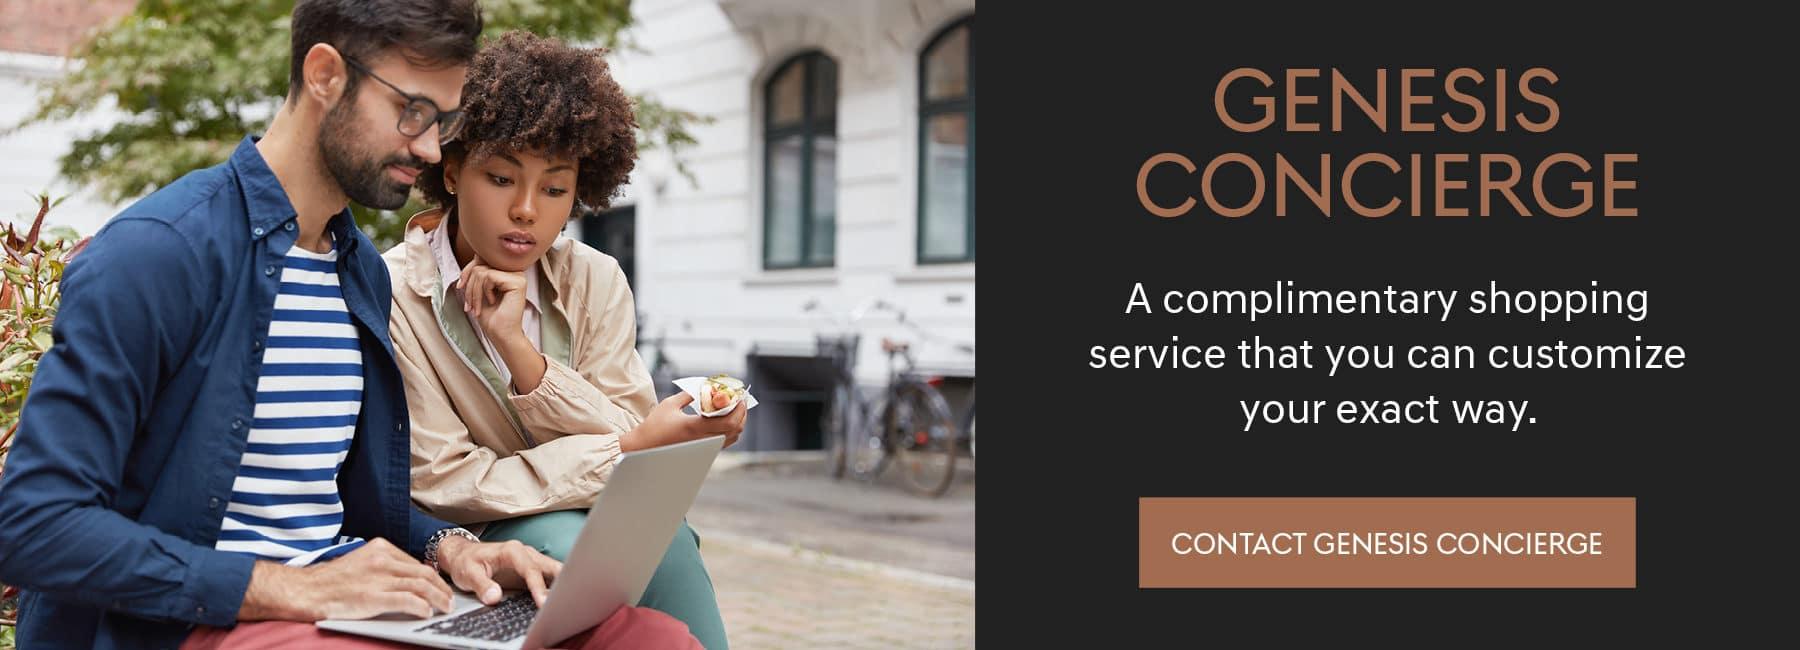 GOP_0621_Sliders Genesis Concierge